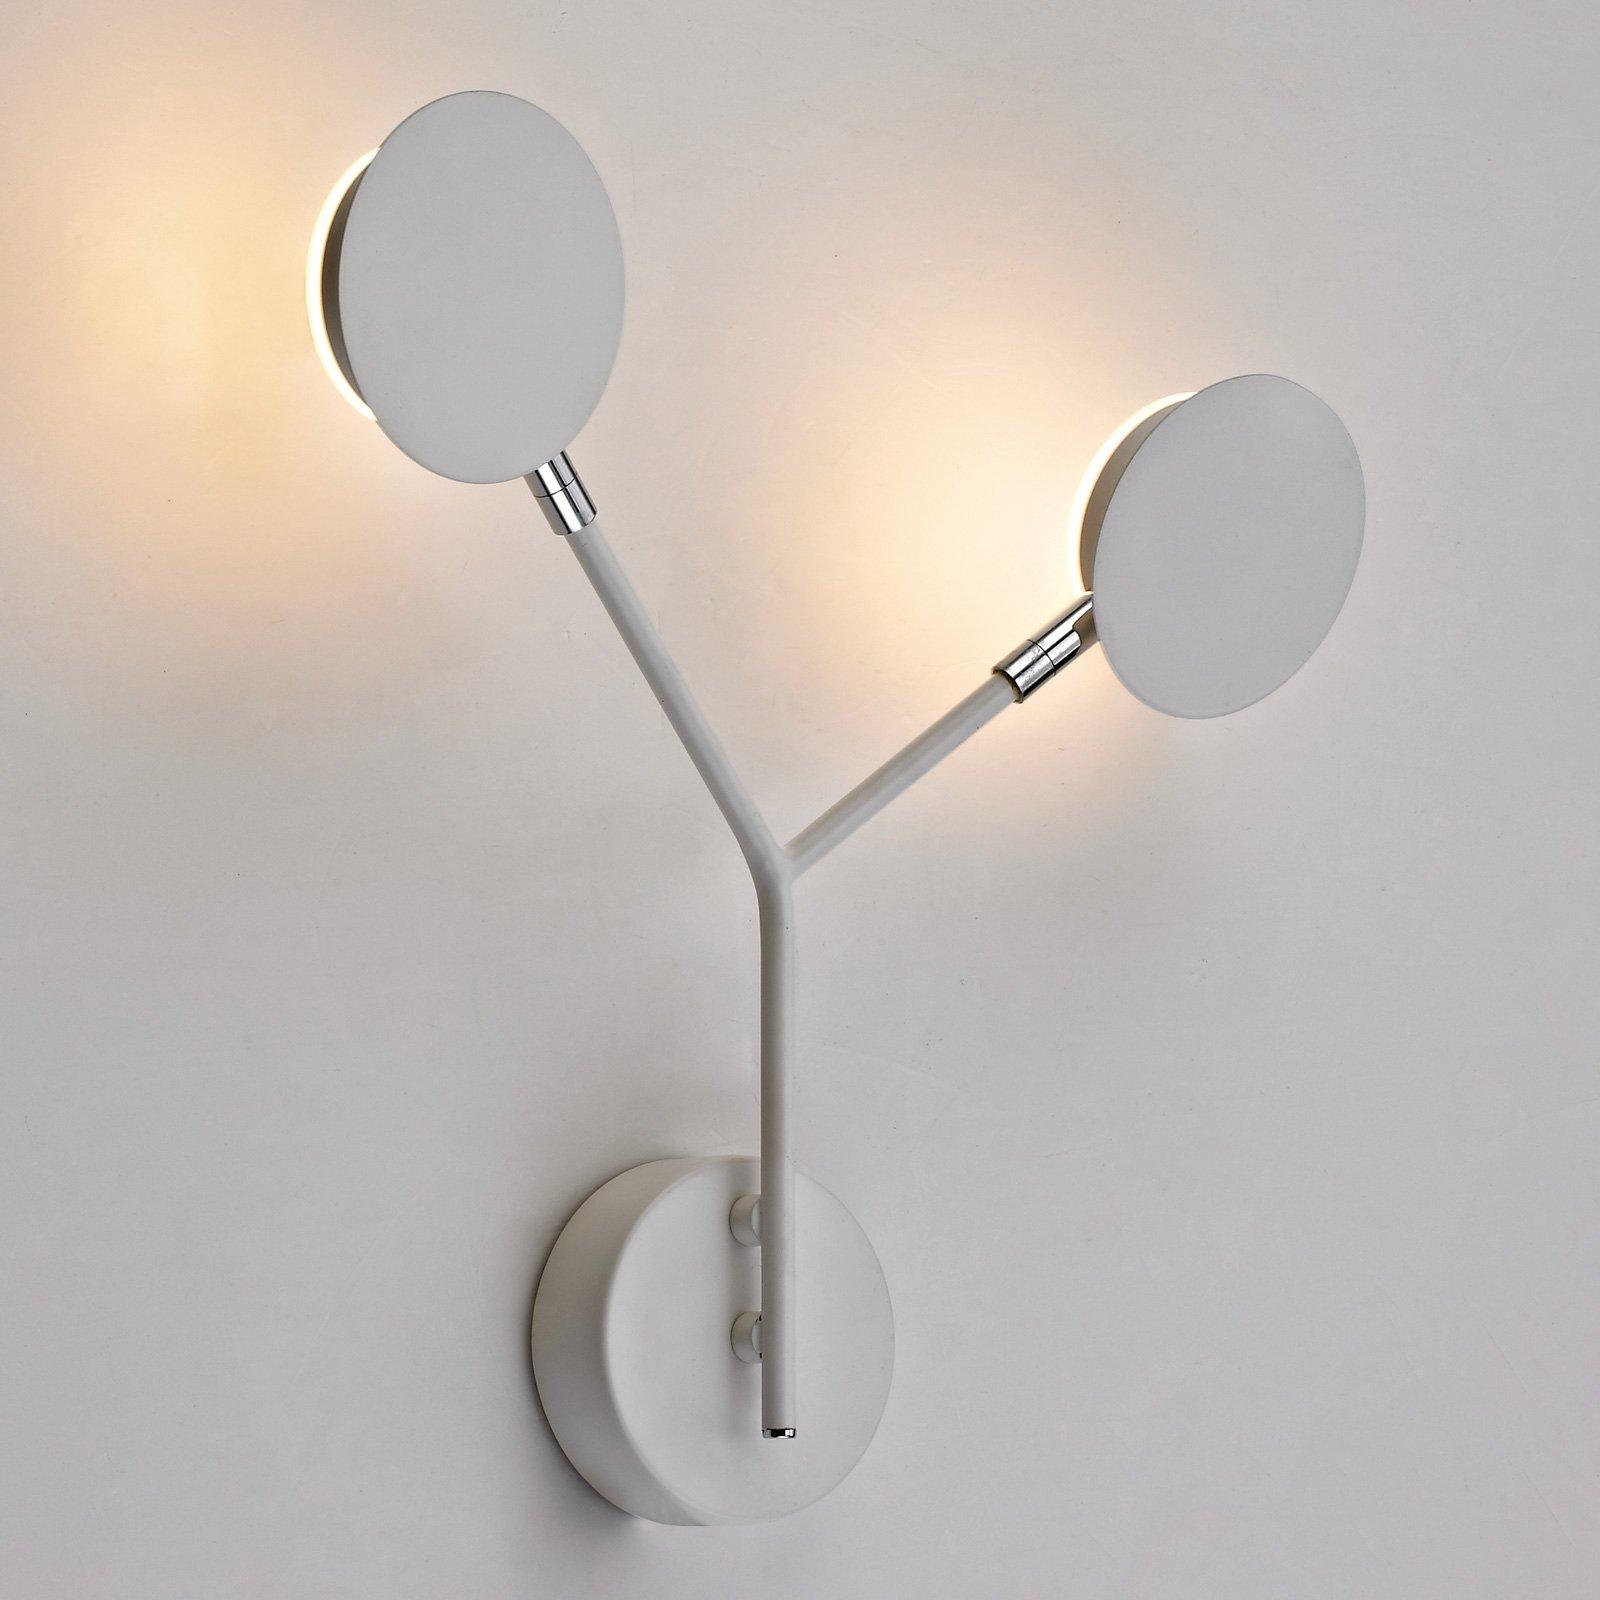 LED-vegglampe Belize, 2 lyskilder, hvit